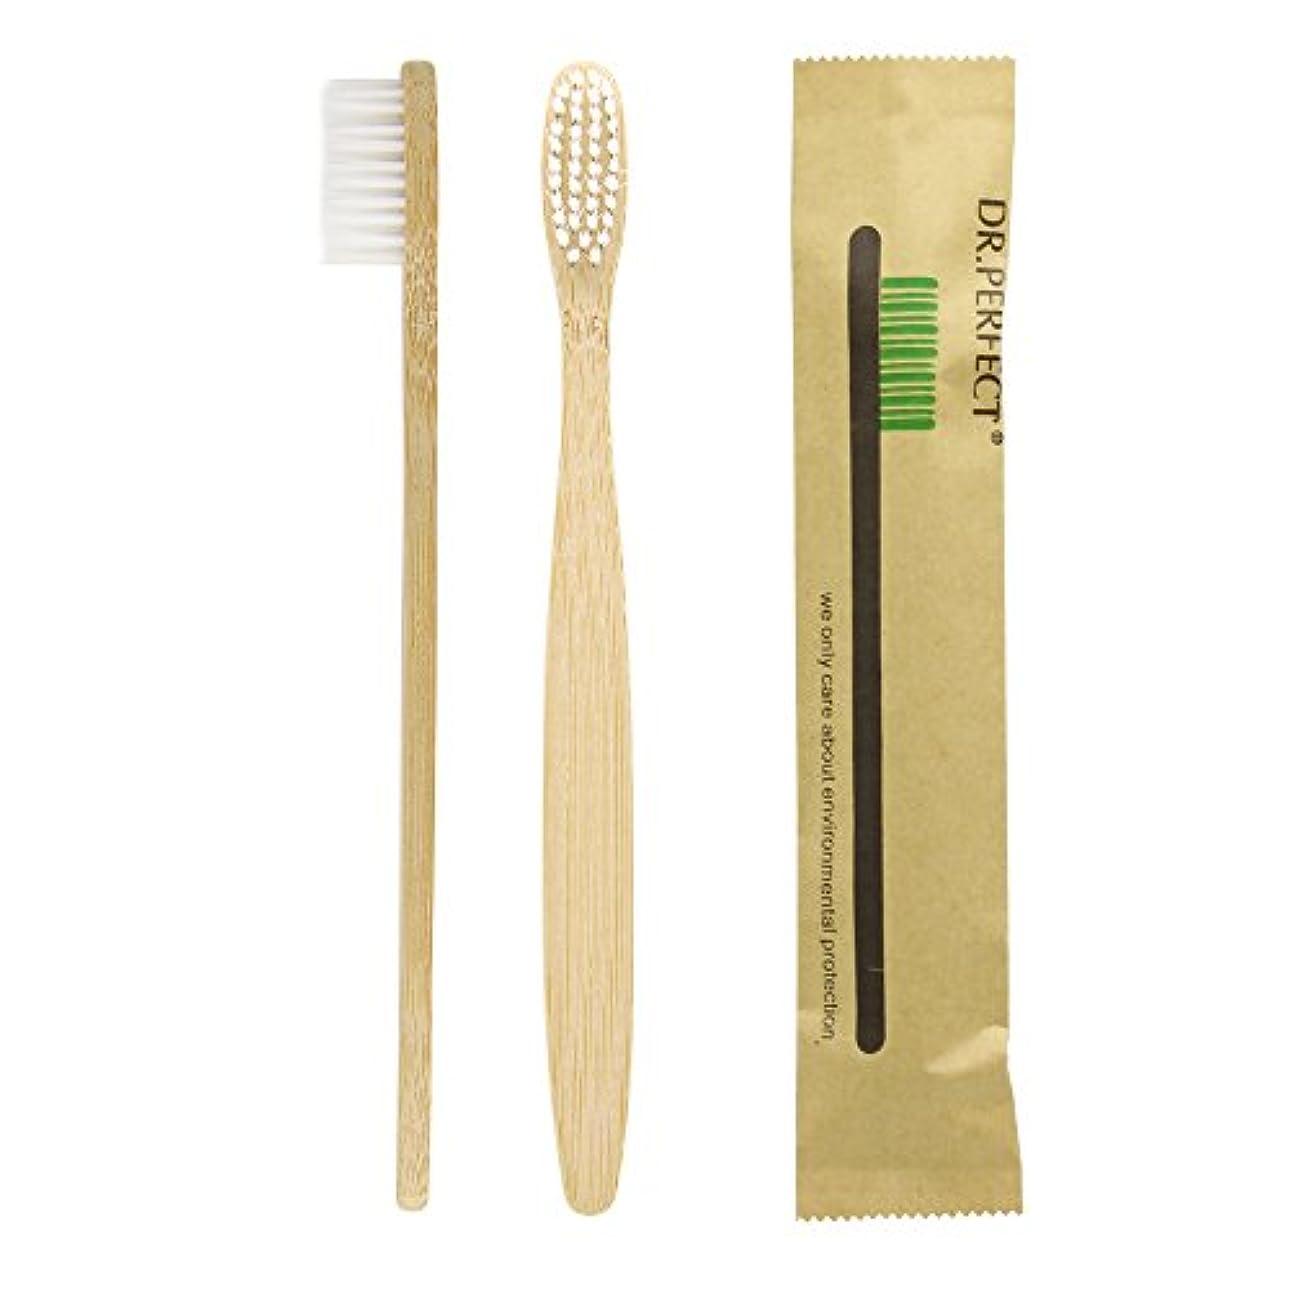 悲しむ賭け十分ではないDr.Perfect 歯ブラシ竹歯ブラシアダルト竹の歯ブラシ ナイロン毛 環境保護の歯ブラシ (ホワイト)